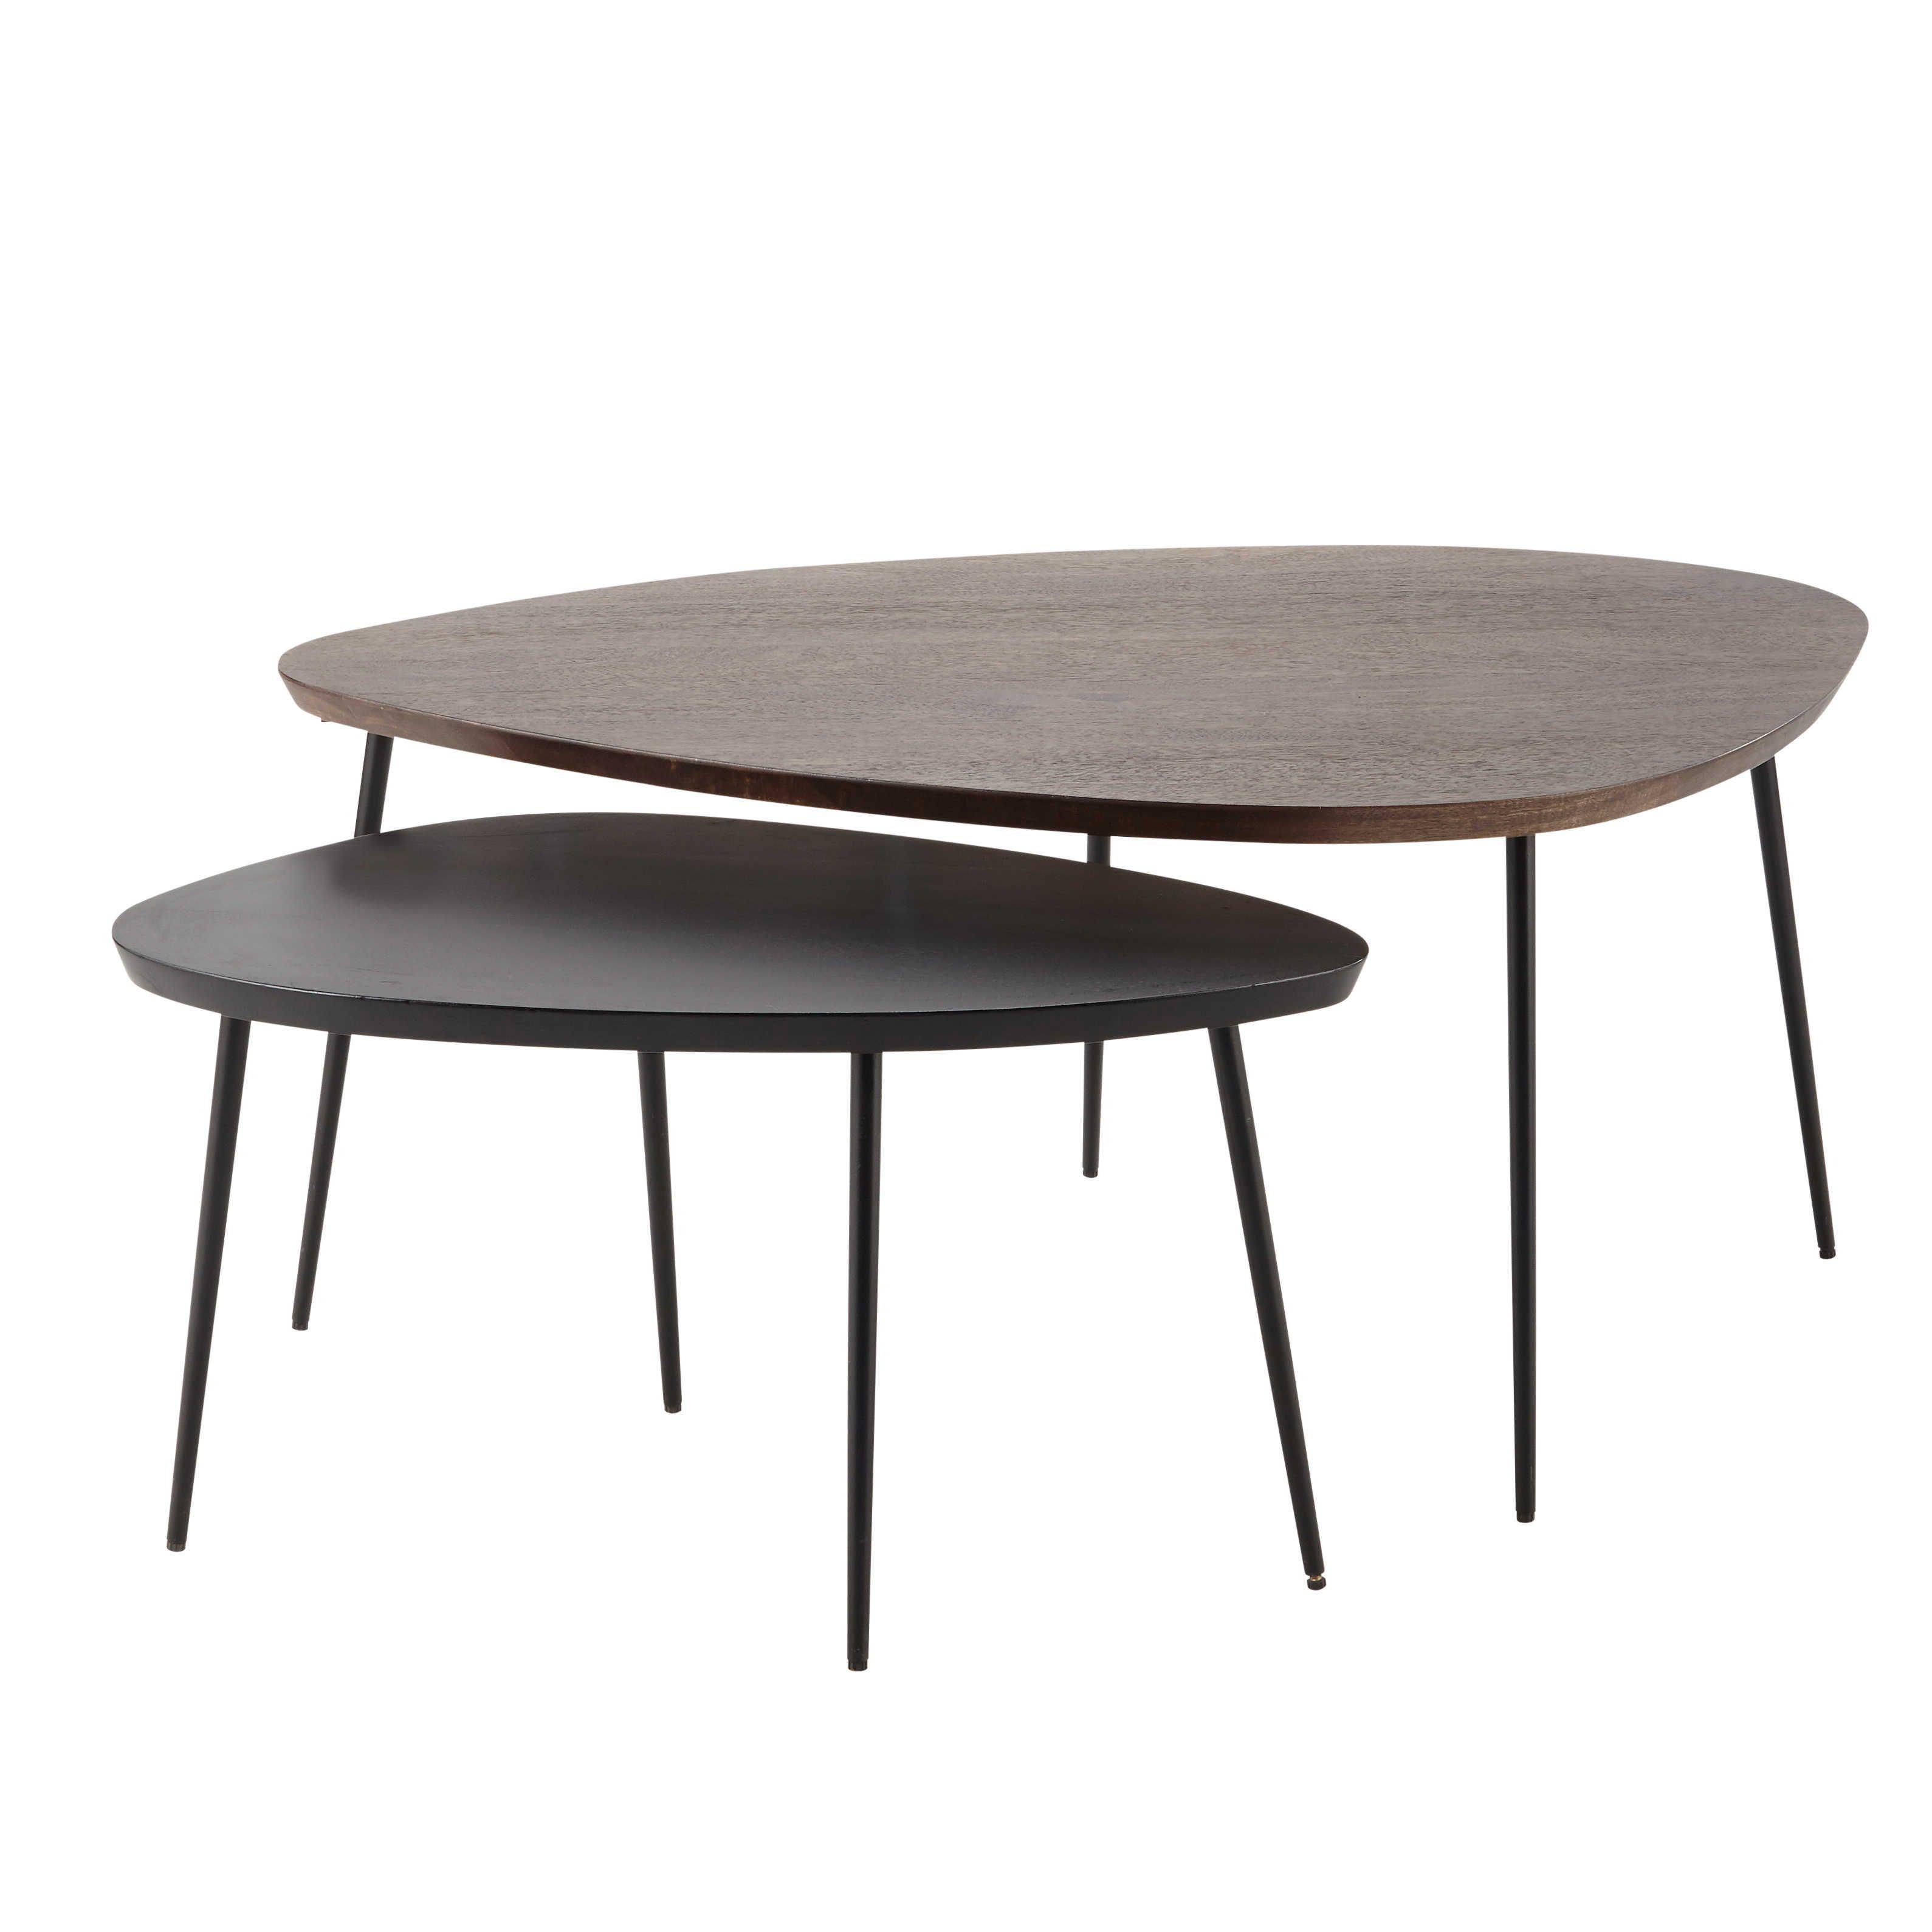 e826a1f42b316809641be9266792fd55 Frais De Tables Basses Gigognes Concept